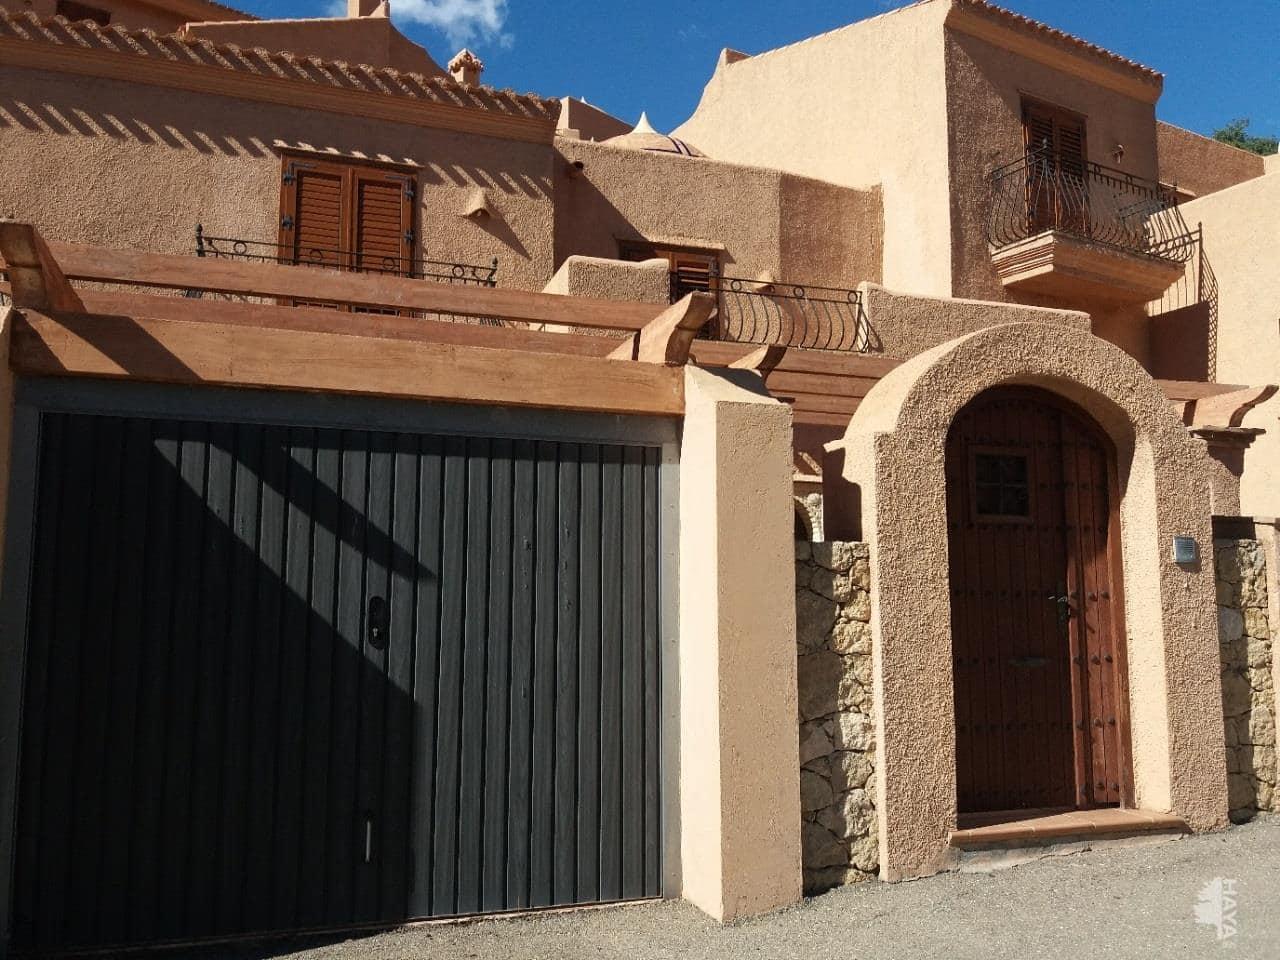 Piso en venta en Cortijo Cabrera, Turre, Almería, Calle de la Fortaleza, 111.315 €, 3 habitaciones, 3 baños, 134 m2